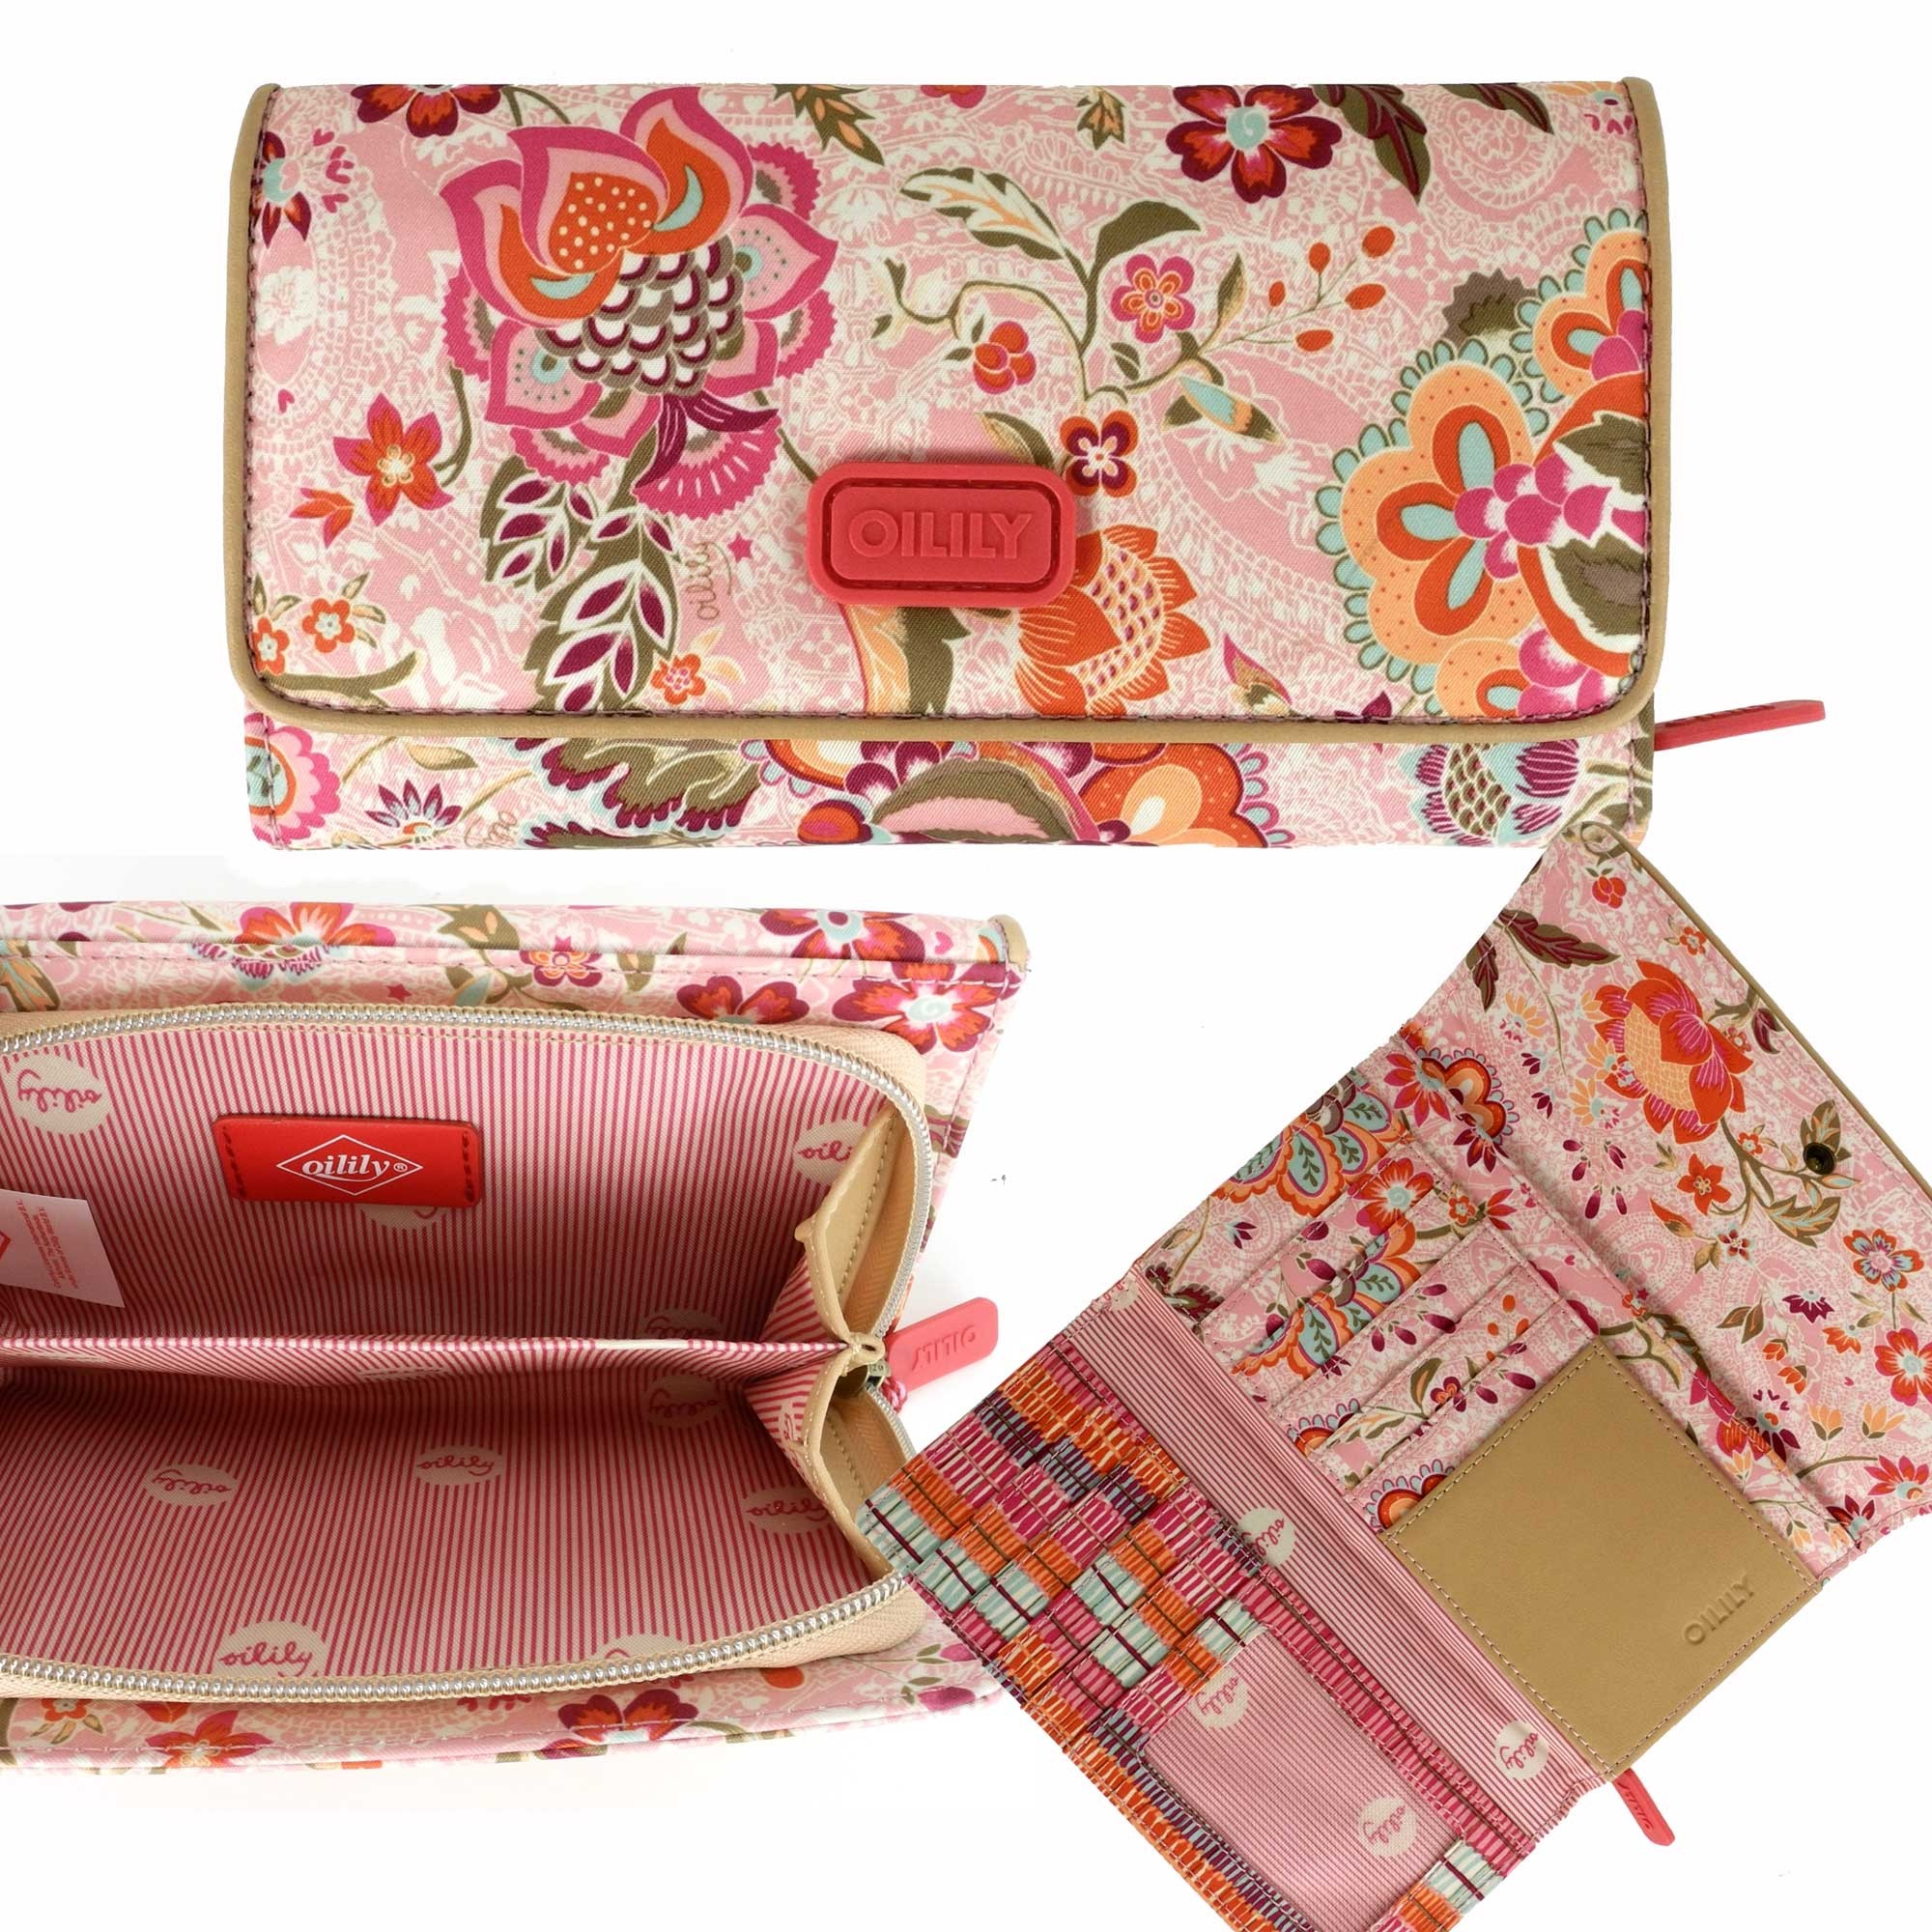 oilily summer blossom geldb rse l wallet portemonnaie. Black Bedroom Furniture Sets. Home Design Ideas